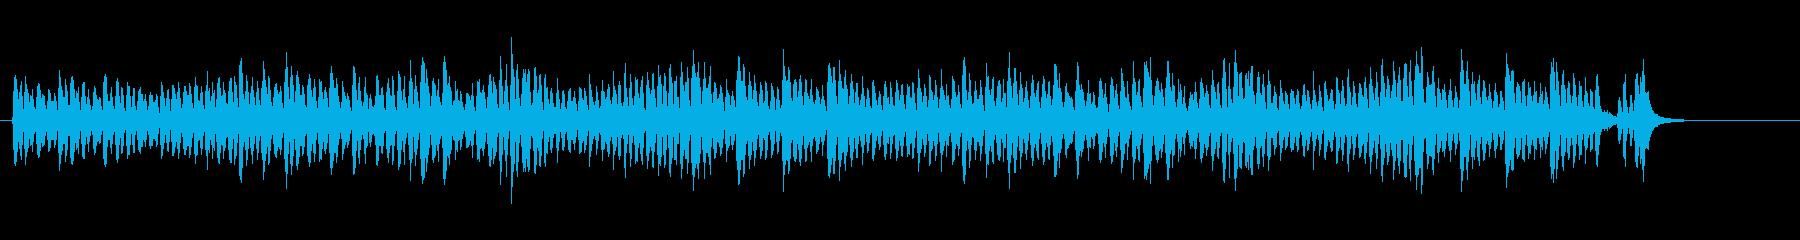 クラシカル調のコミカル・サウンドの再生済みの波形